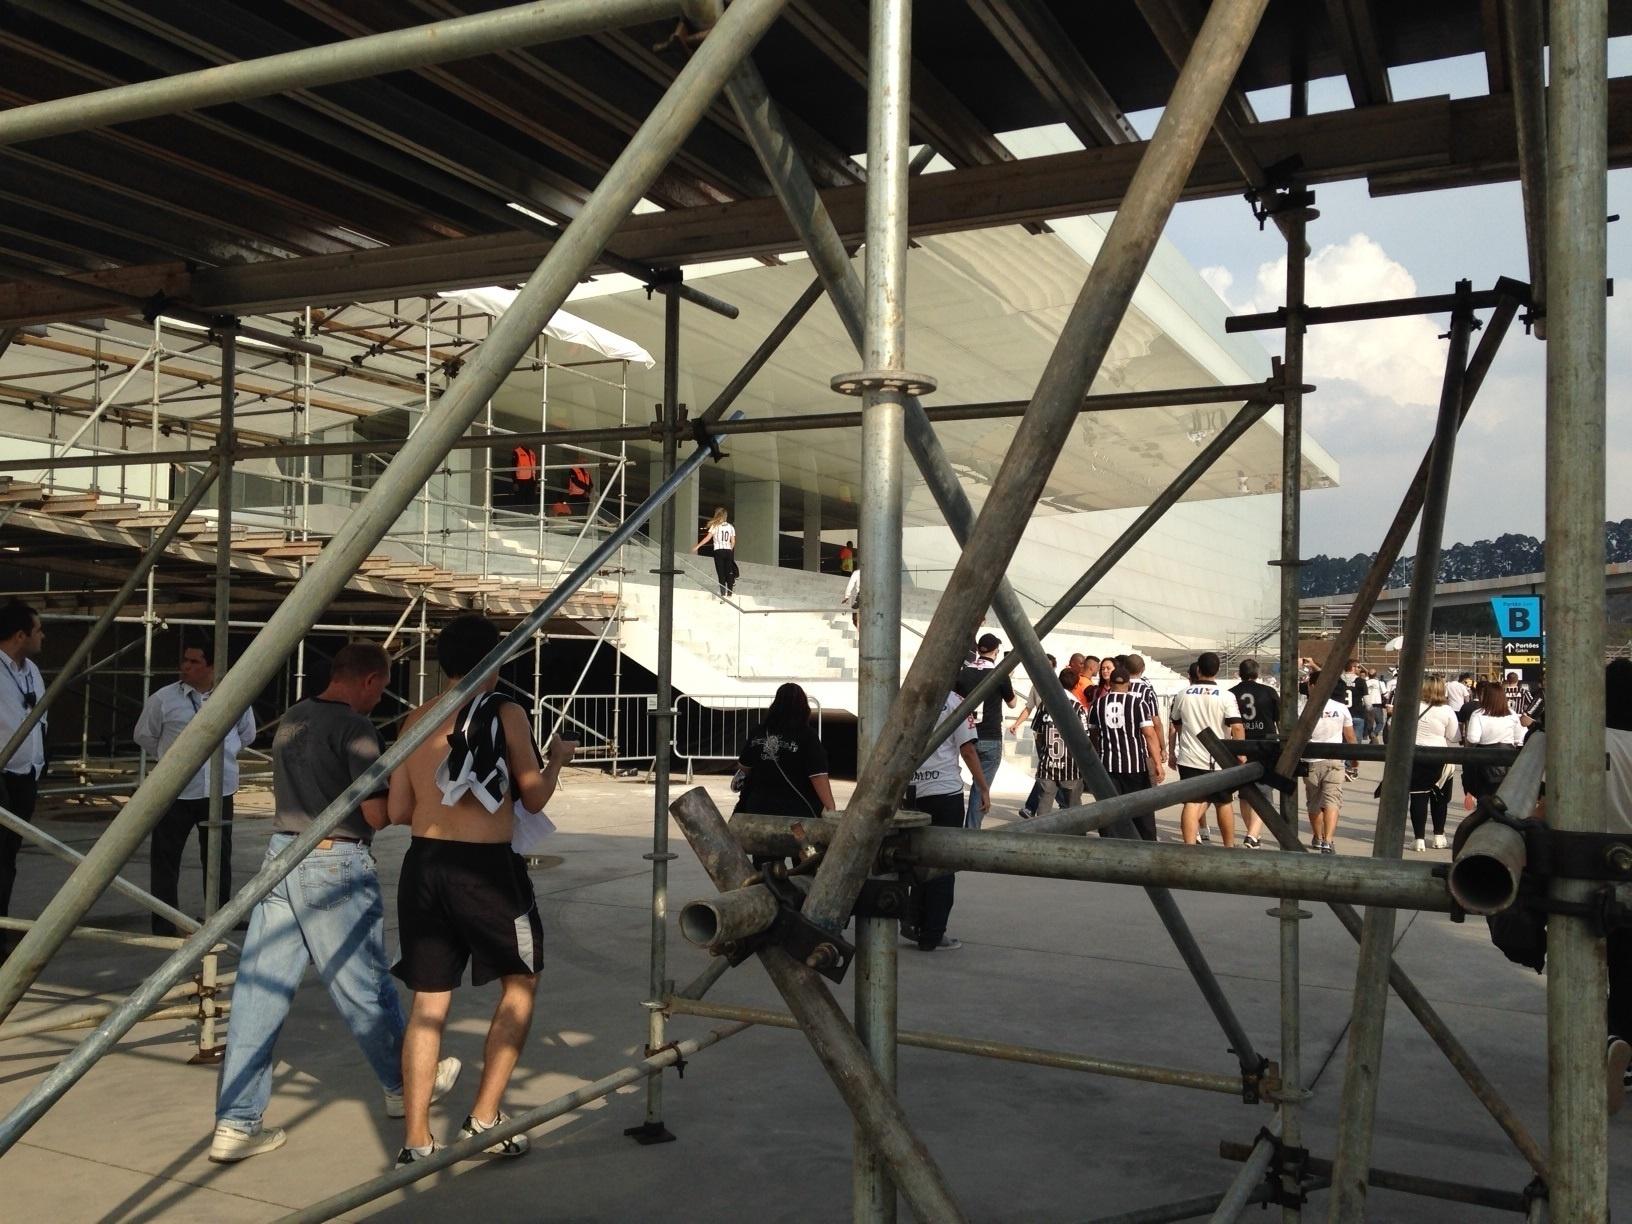 18.mai.2014 - Itaquerão foi inaugurado com jogo entre Corinthians e Figueirense, mas ainda tem muitos trechos em obras